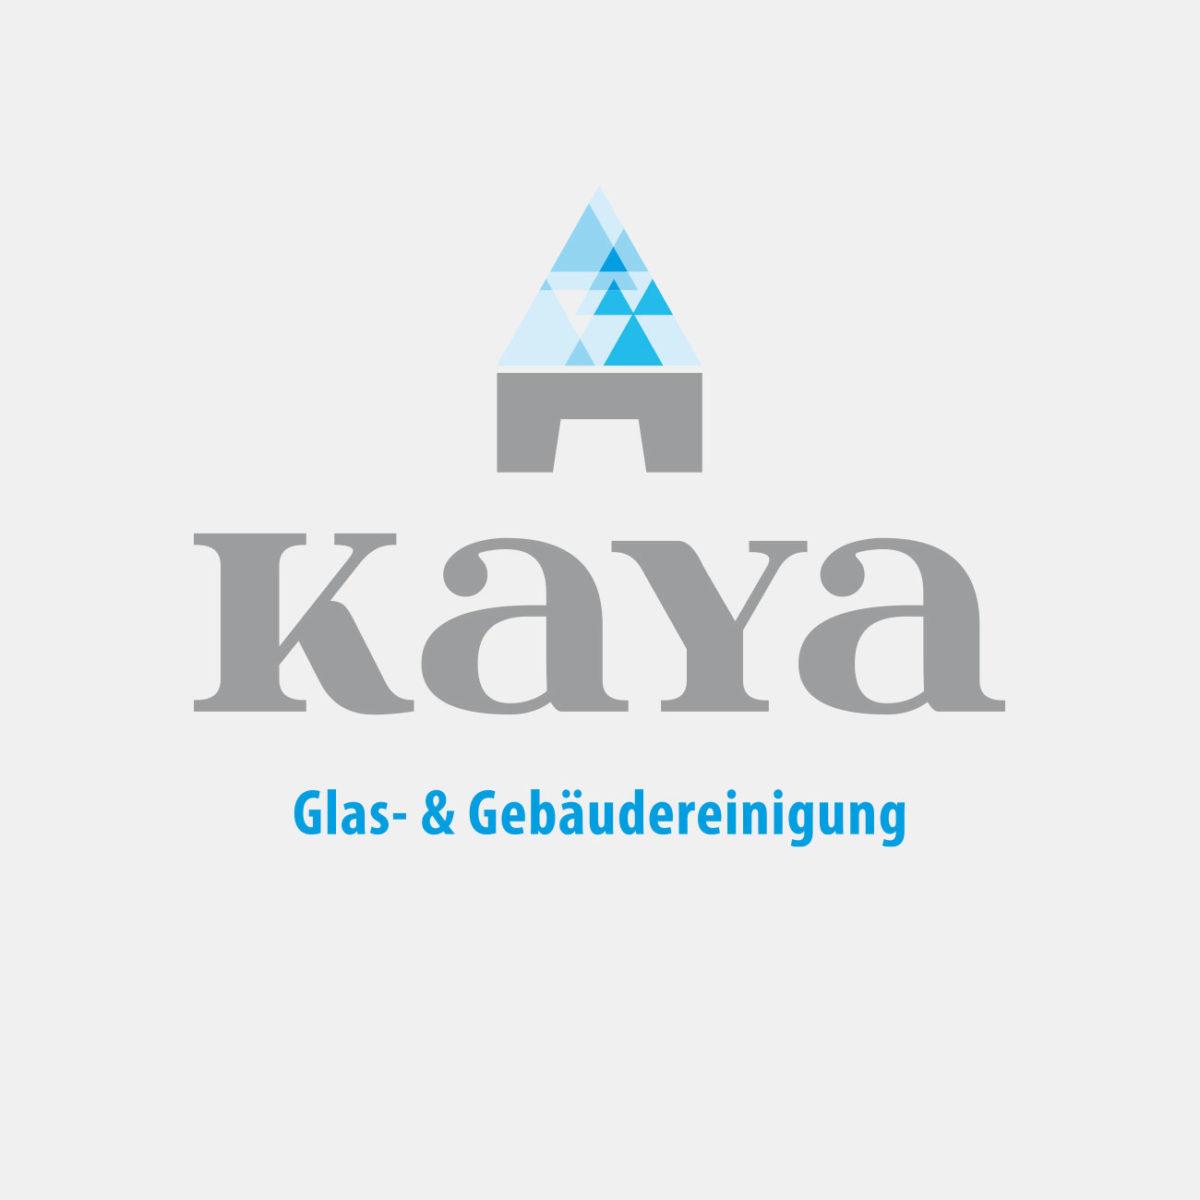 Kaya Logodesign